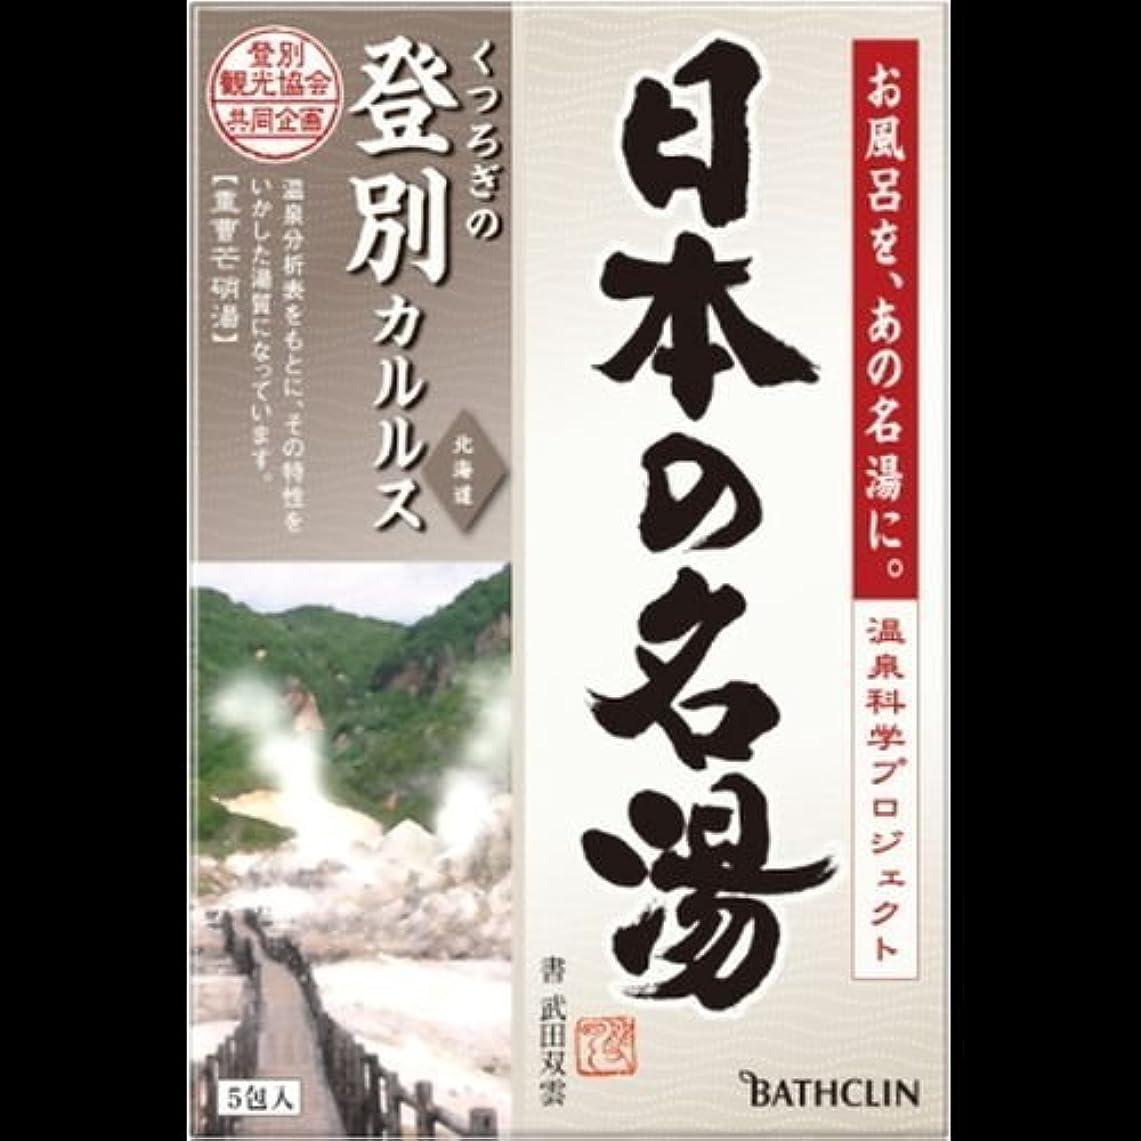 勝利天才ニコチン【まとめ買い】日本の名湯 登別カルルス 5包 ×2セット